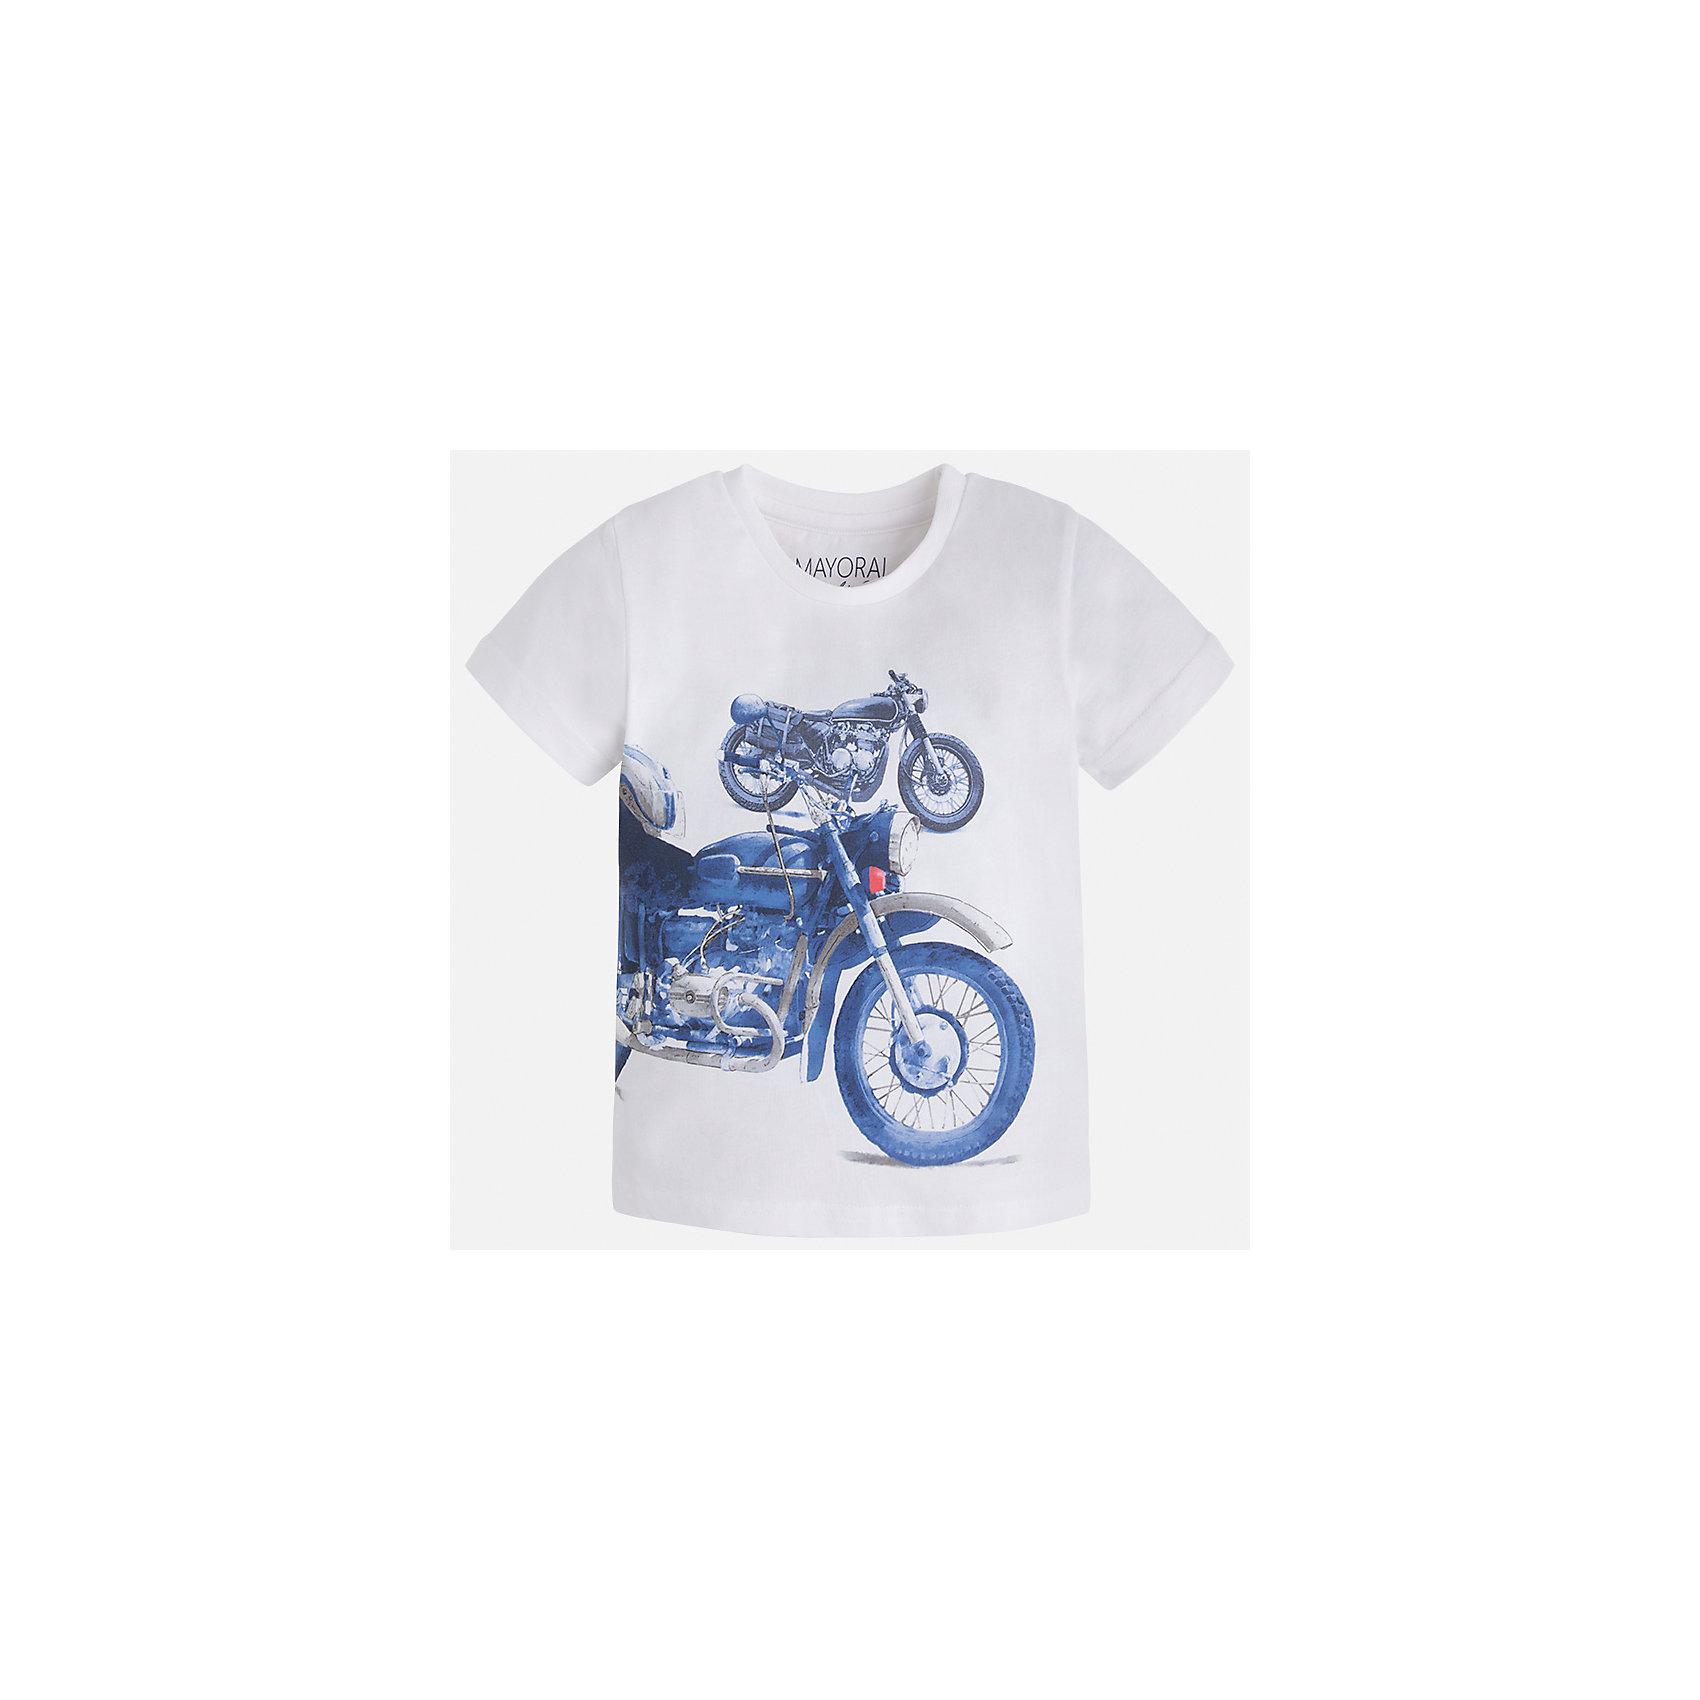 Футболка для мальчика MayoralФутболки, поло и топы<br>Характеристики товара:<br><br>• цвет: белый<br>• состав: 60% хлопок, 40% полиэстер<br>• круглый горловой вырез<br>• декорирована принтом<br>• короткие рукава<br>• отделка горловины<br>• страна бренда: Испания<br><br>Стильная удобная футболка с принтом поможет разнообразить гардероб мальчика. Она отлично сочетается с брюками, шортами, джинсами. Универсальный крой и цвет позволяет подобрать к вещи низ разных расцветок. Практичное и стильное изделие! Хорошо смотрится и комфортно сидит на детях. В составе материала - натуральный хлопок, гипоаллергенный, приятный на ощупь, дышащий. <br><br>Одежда, обувь и аксессуары от испанского бренда Mayoral полюбились детям и взрослым по всему миру. Модели этой марки - стильные и удобные. Для их производства используются только безопасные, качественные материалы и фурнитура. Порадуйте ребенка модными и красивыми вещами от Mayoral! <br><br>Футболку для мальчика от испанского бренда Mayoral (Майорал) можно купить в нашем интернет-магазине.<br><br>Ширина мм: 199<br>Глубина мм: 10<br>Высота мм: 161<br>Вес г: 151<br>Цвет: белый<br>Возраст от месяцев: 18<br>Возраст до месяцев: 24<br>Пол: Мужской<br>Возраст: Детский<br>Размер: 92,134,128,122,116,110,104,98<br>SKU: 5280074